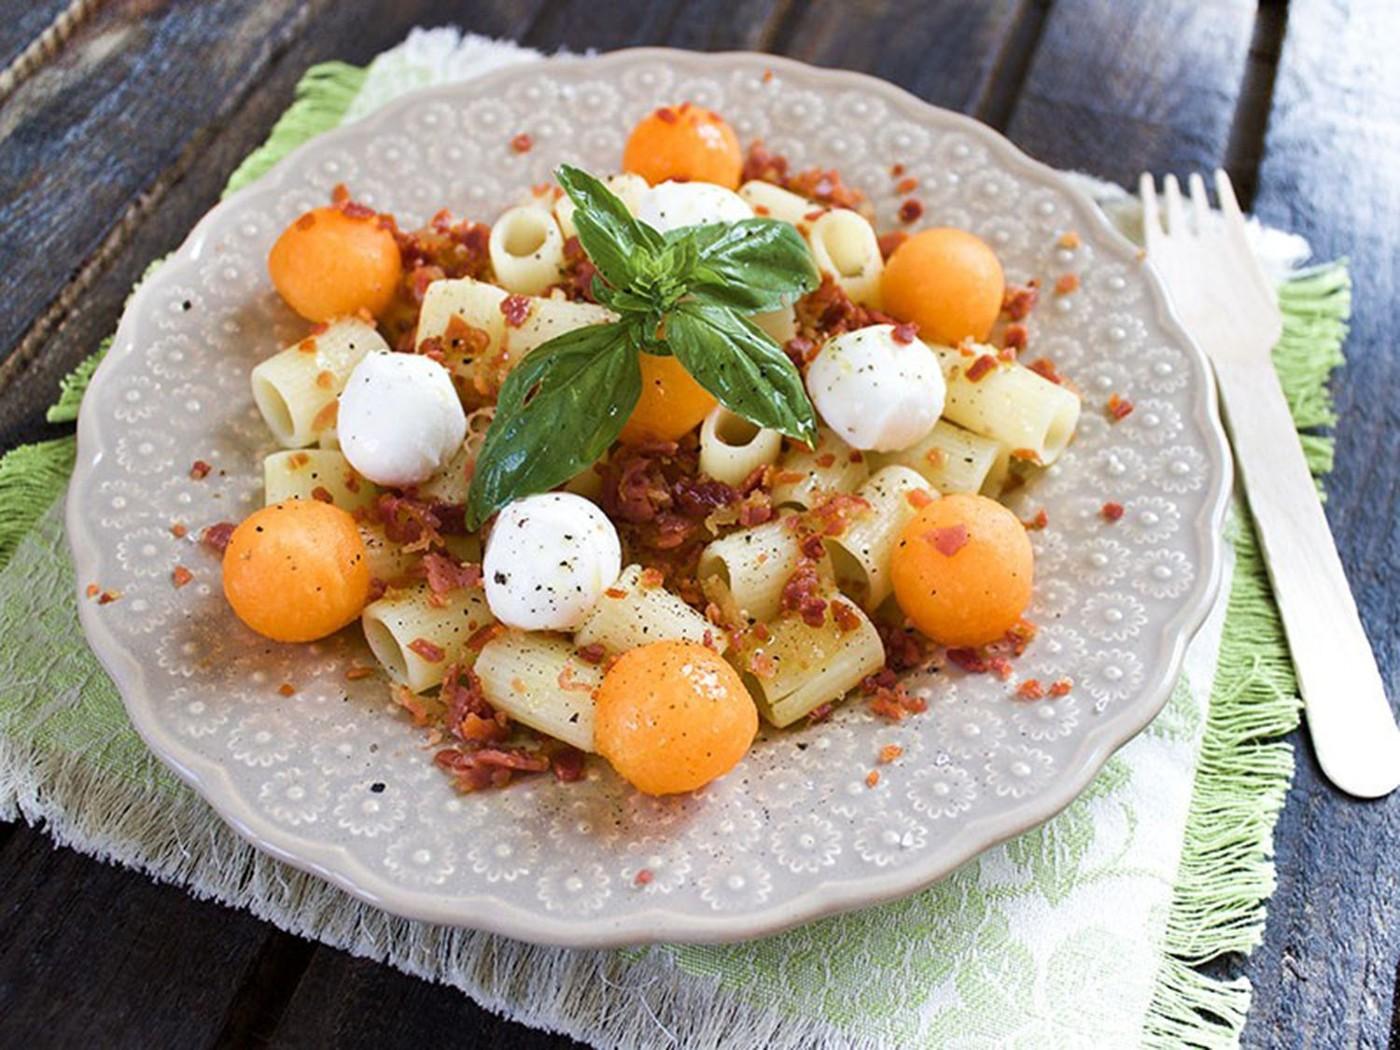 Ensalada de pasta sin gluten con jamón de Parma y melón de Emanuela Ghinazzi